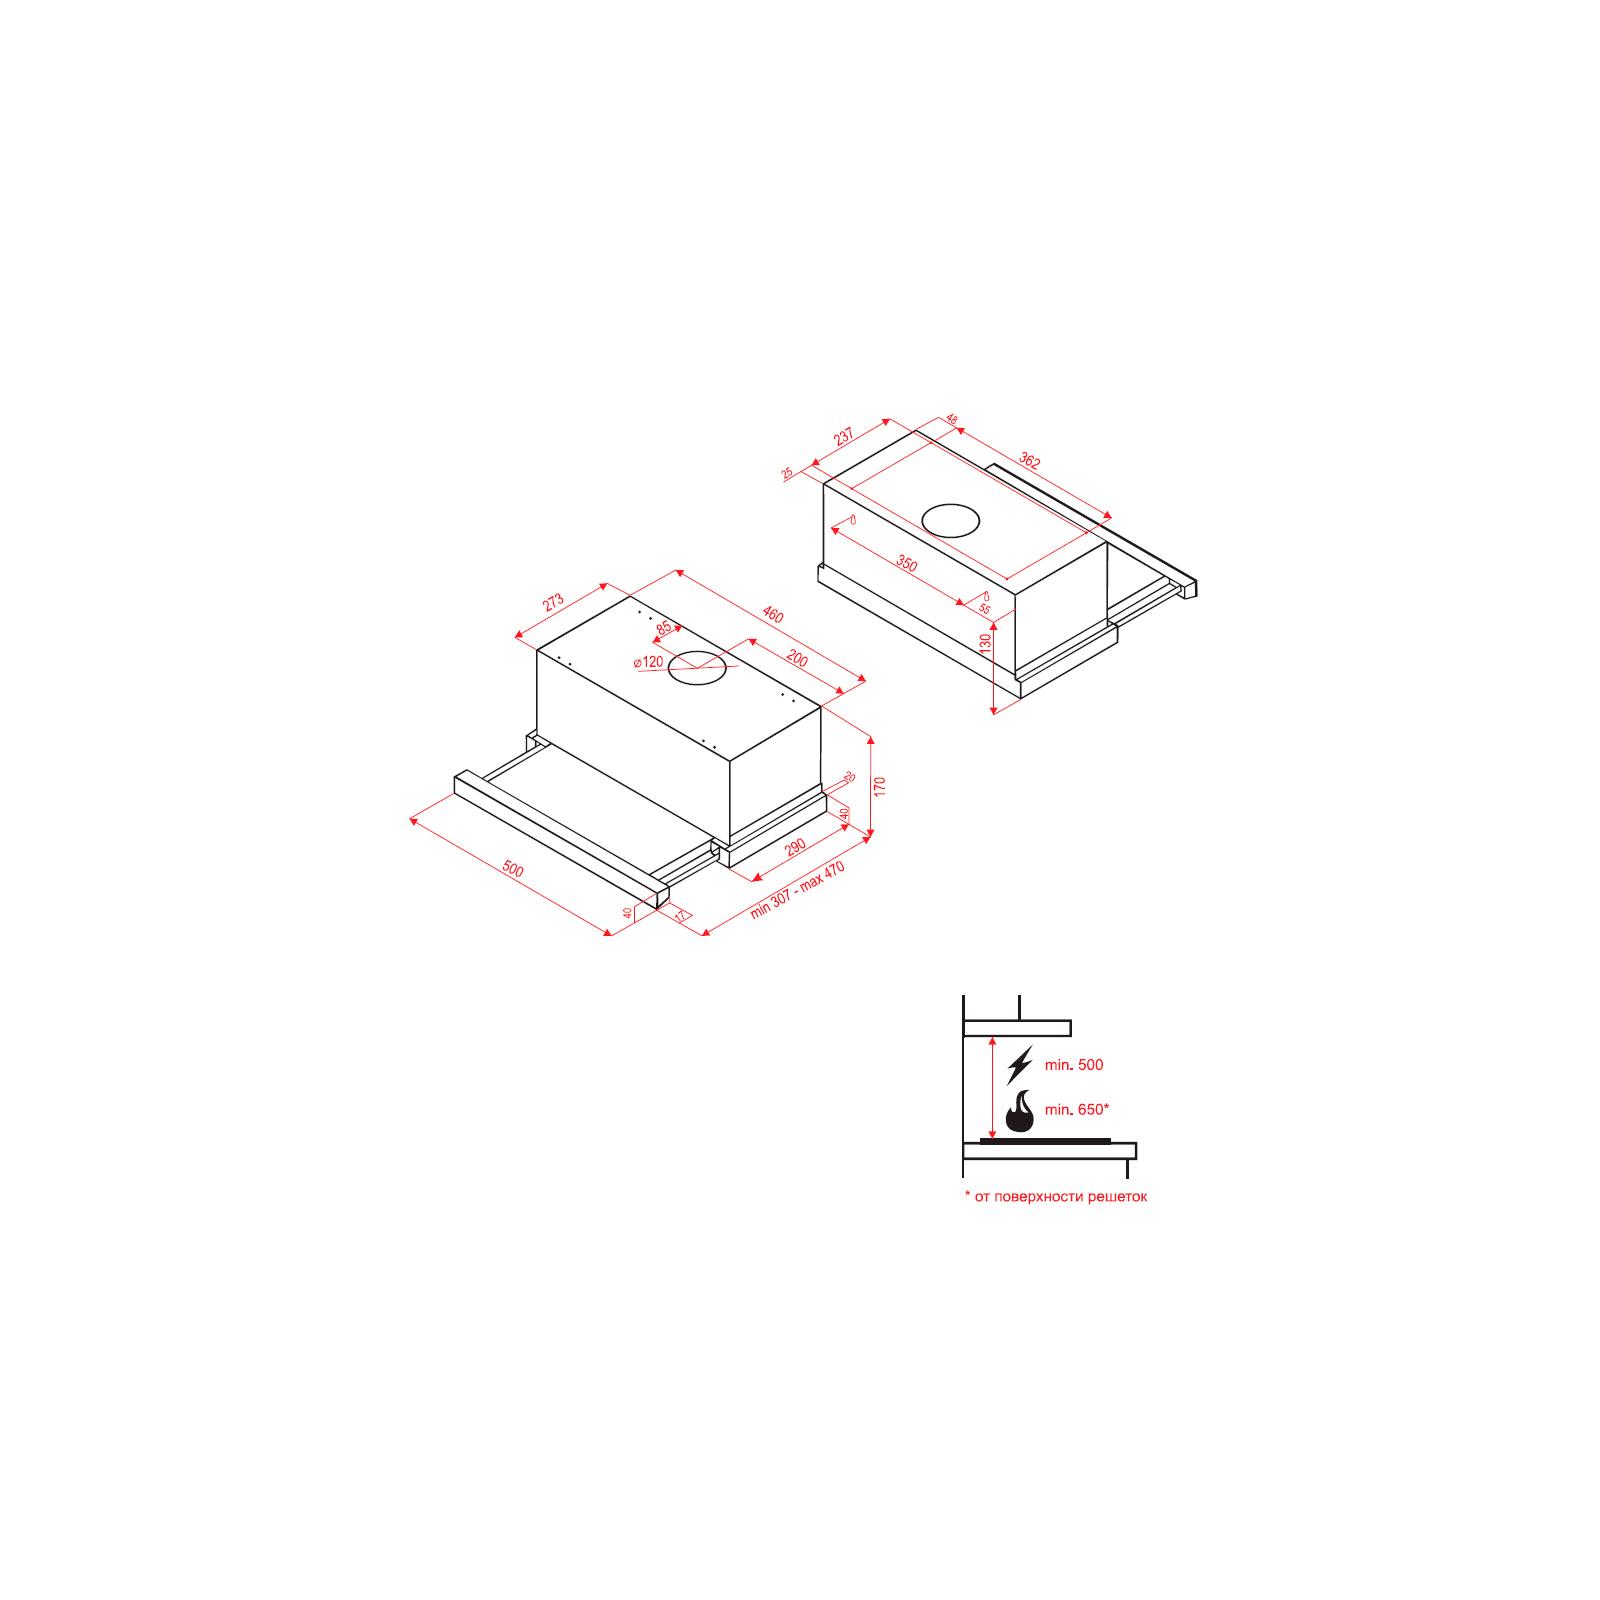 Вытяжка кухонная PERFELLI TL 5010 I изображение 5